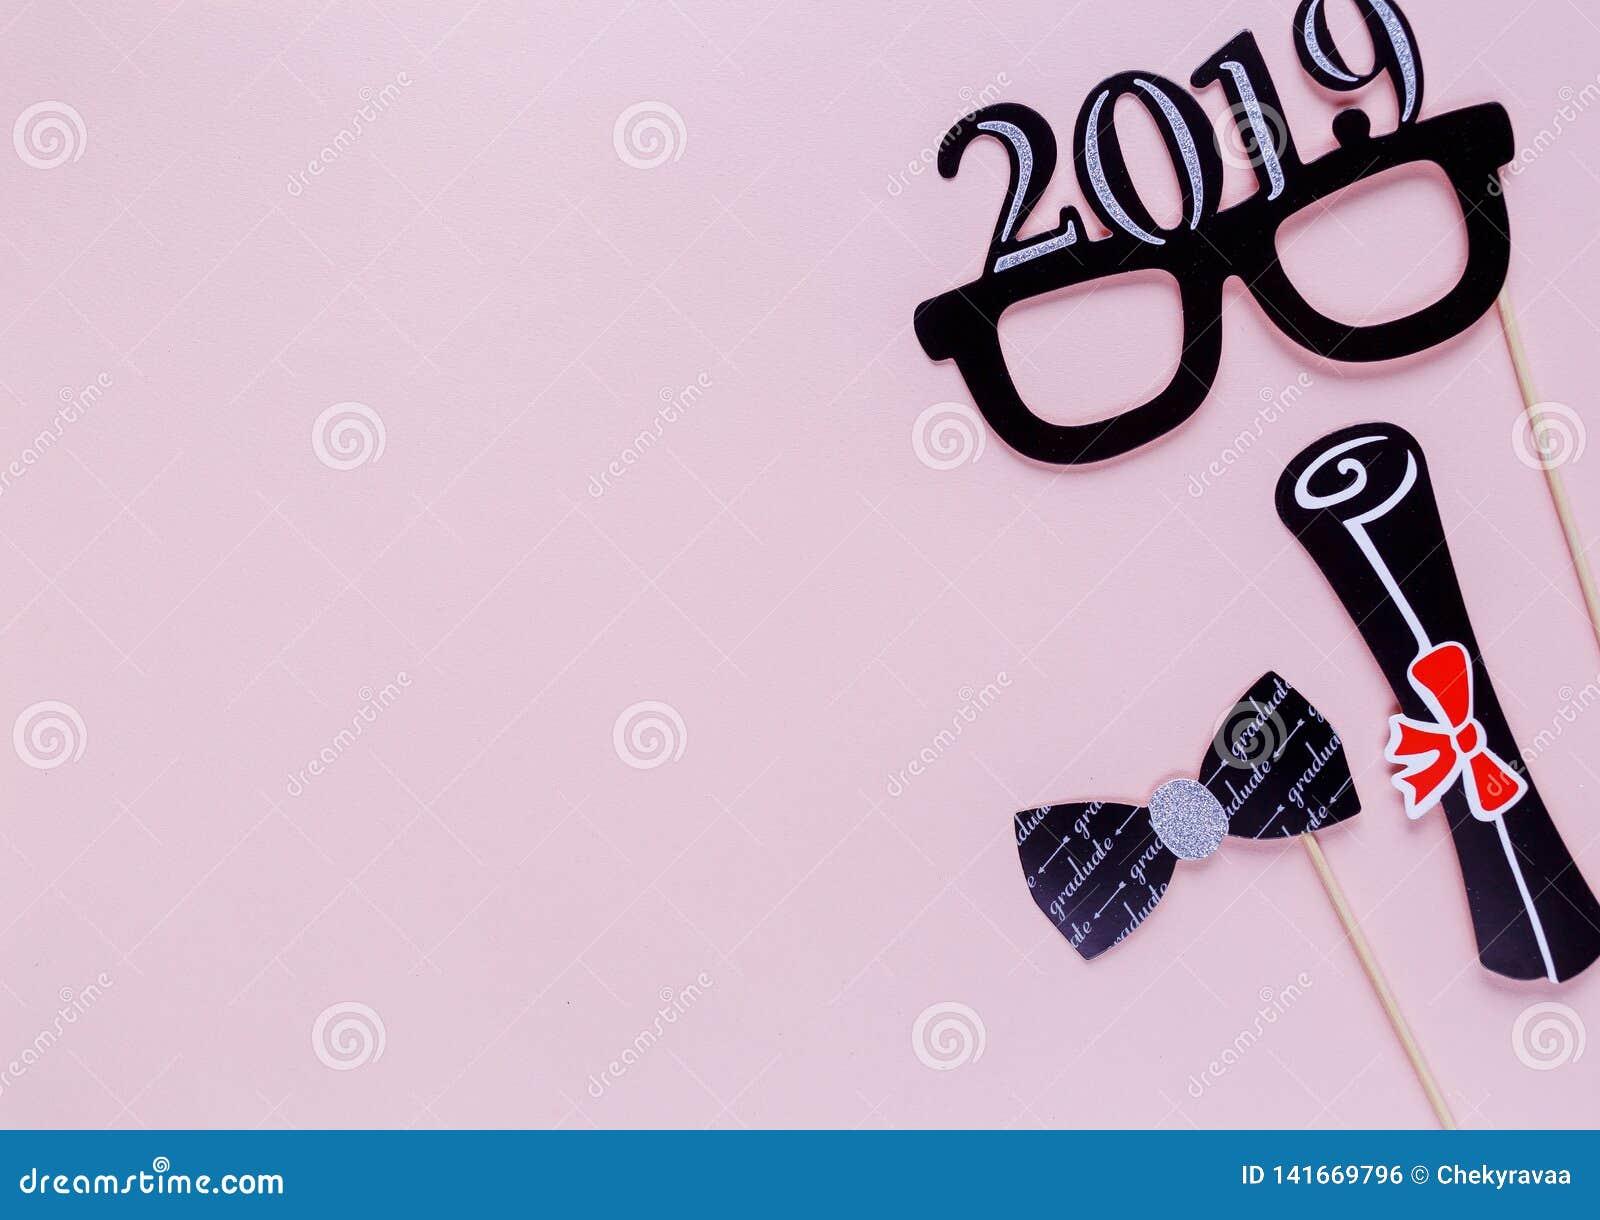 Fondo creativo con los apoyos del photobooth para la graduación: sombreros, diploma, vidrios, labios en fondo de papel rosado en